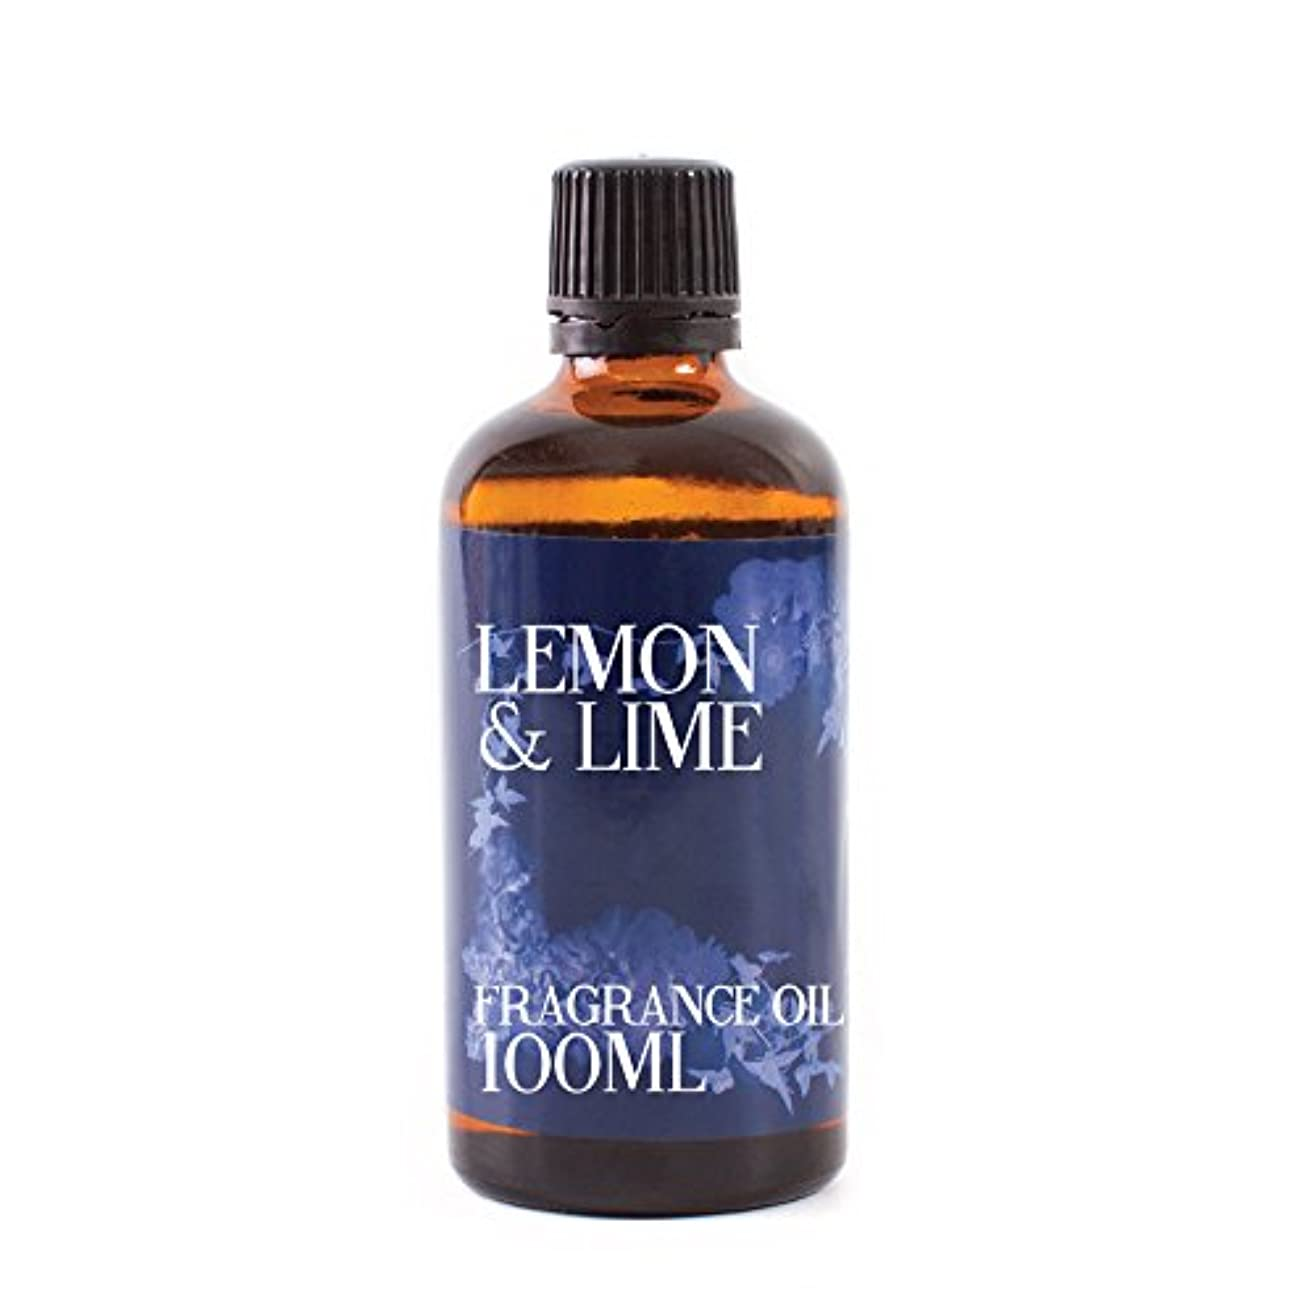 変換する疑い者雑多なMystic Moments   Lemon & Lime Fragrance Oil - 100 ml